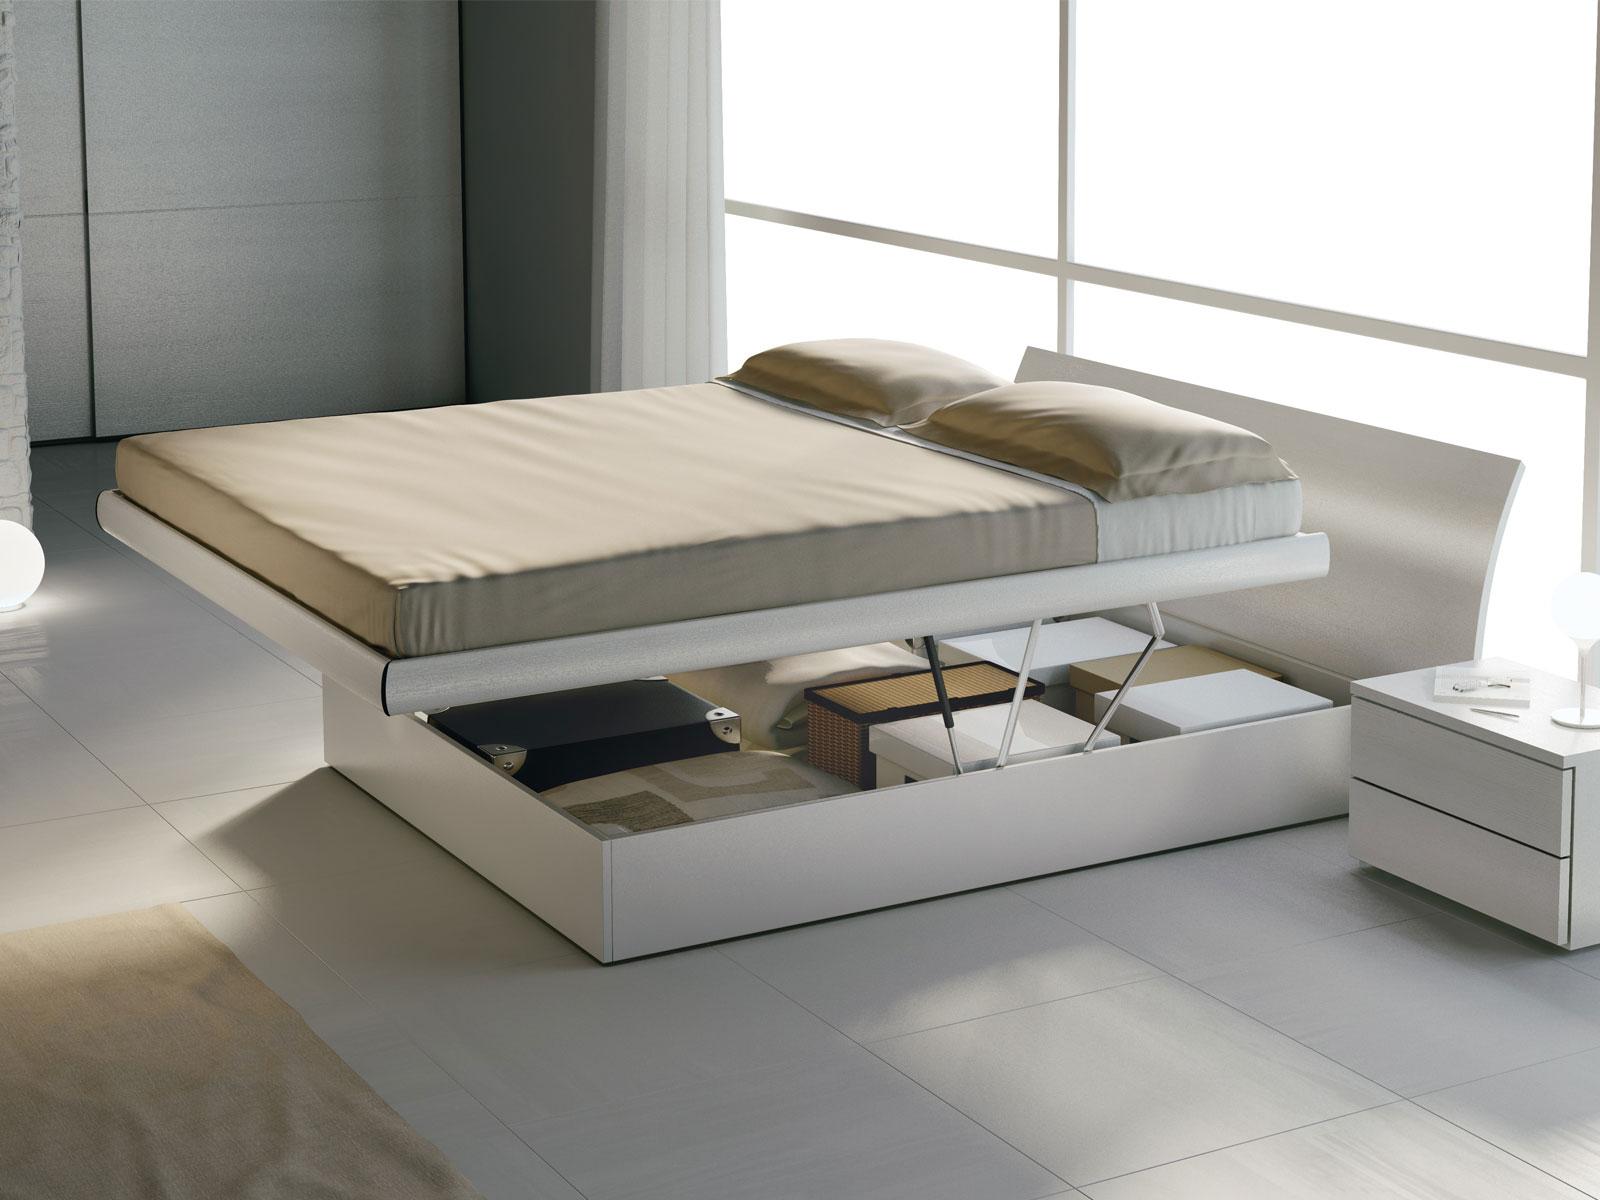 Design 21 meroni arreda for Letto in legno con contenitore